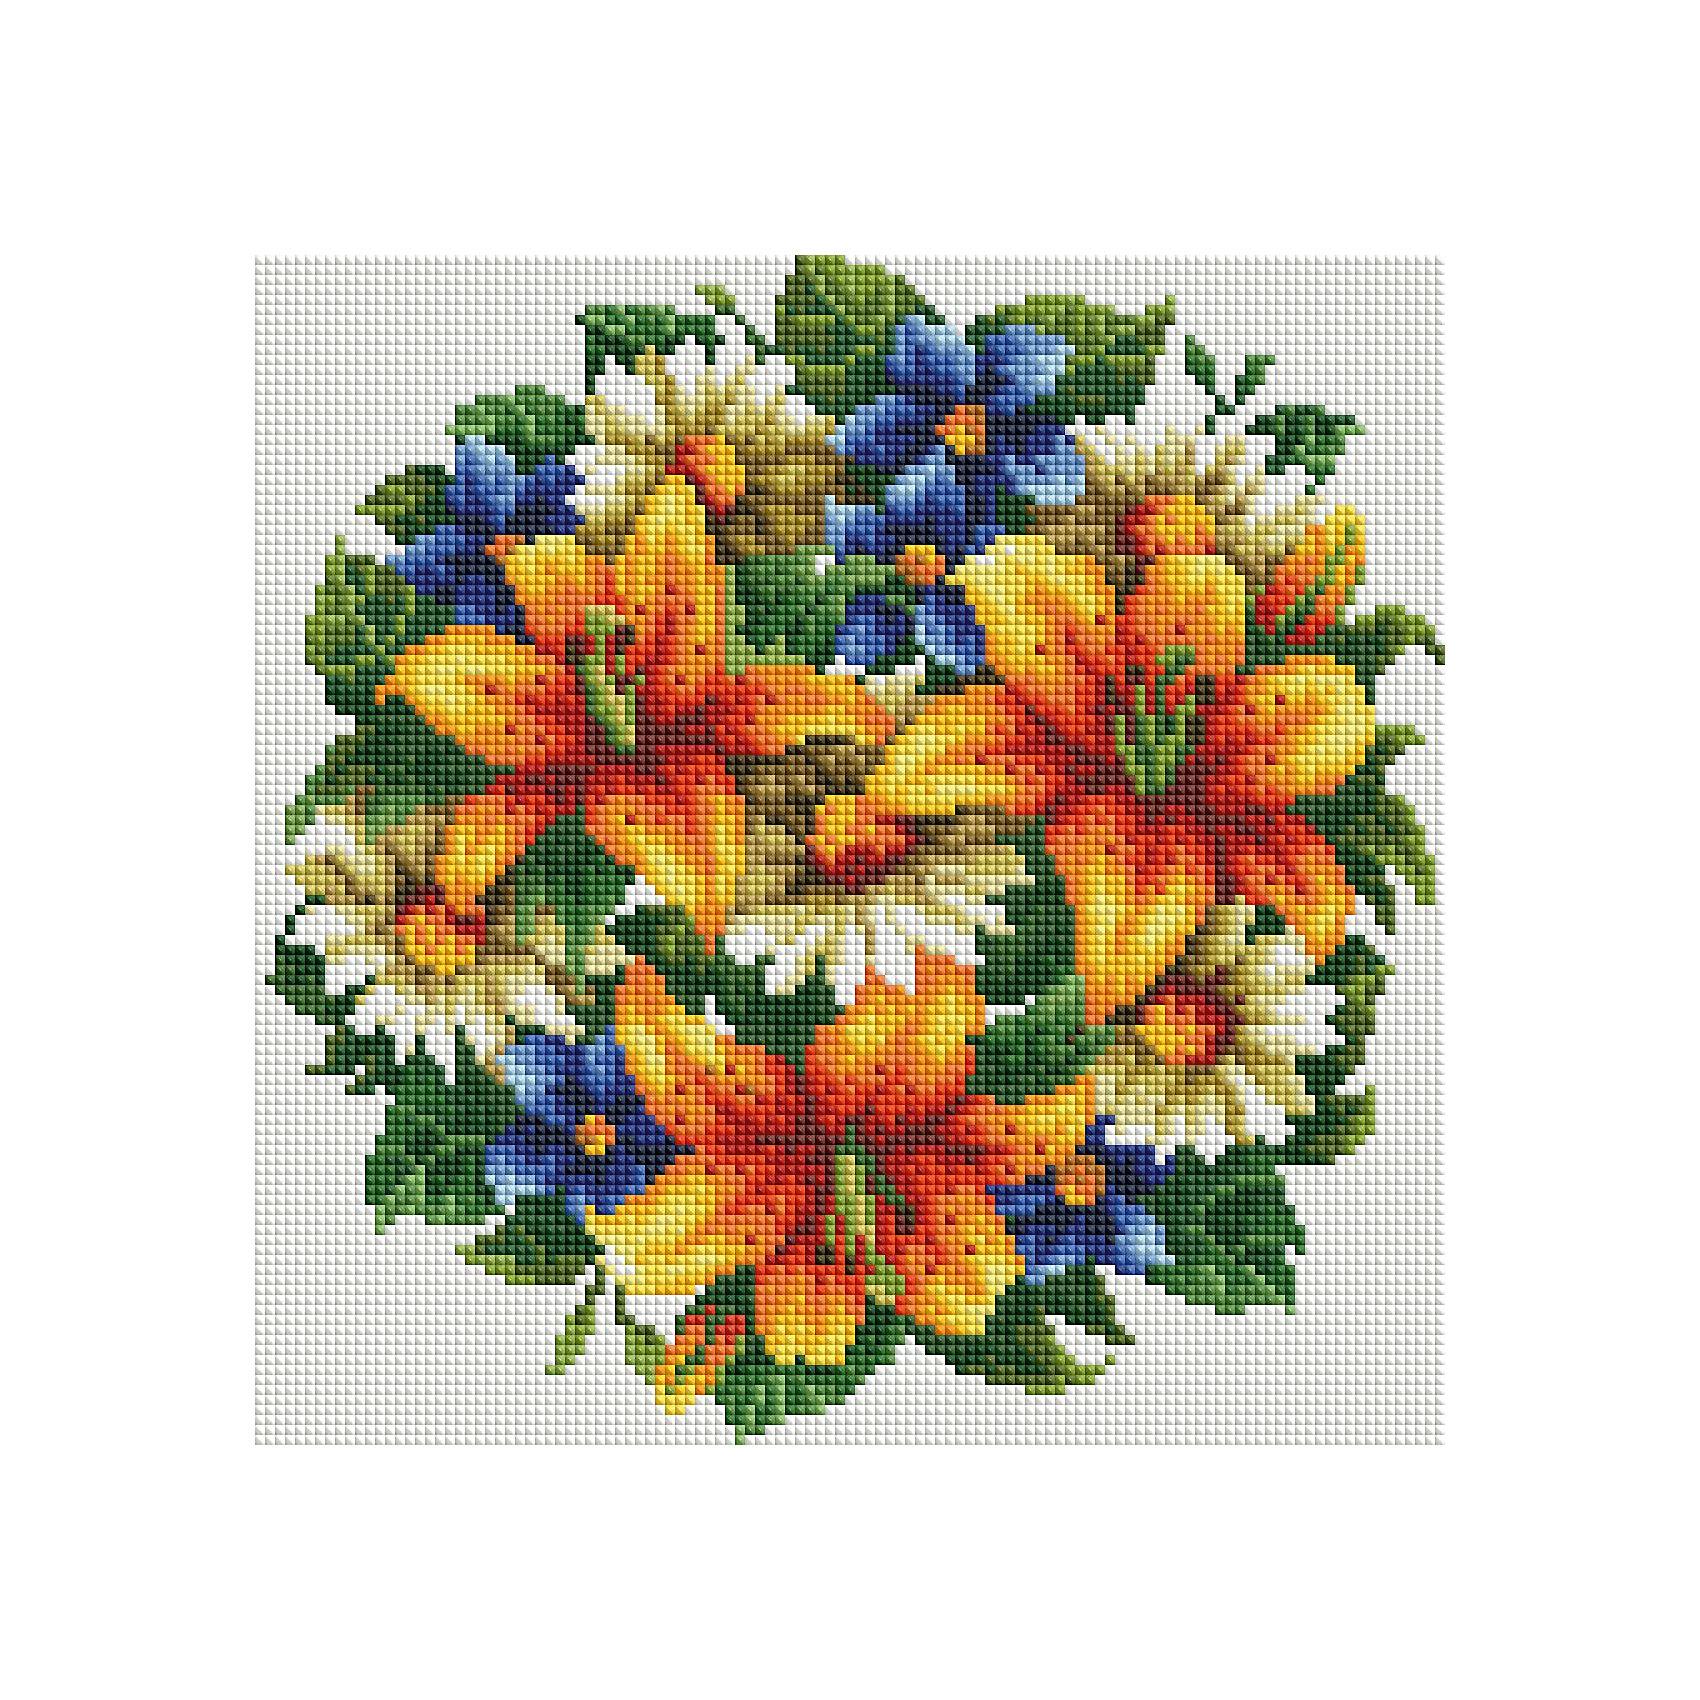 Schreiber Алмазная мозаика Оранжевый букет 30*30 см набор для творчества алмазная мозаика анютины глазки 30 см х 30 см